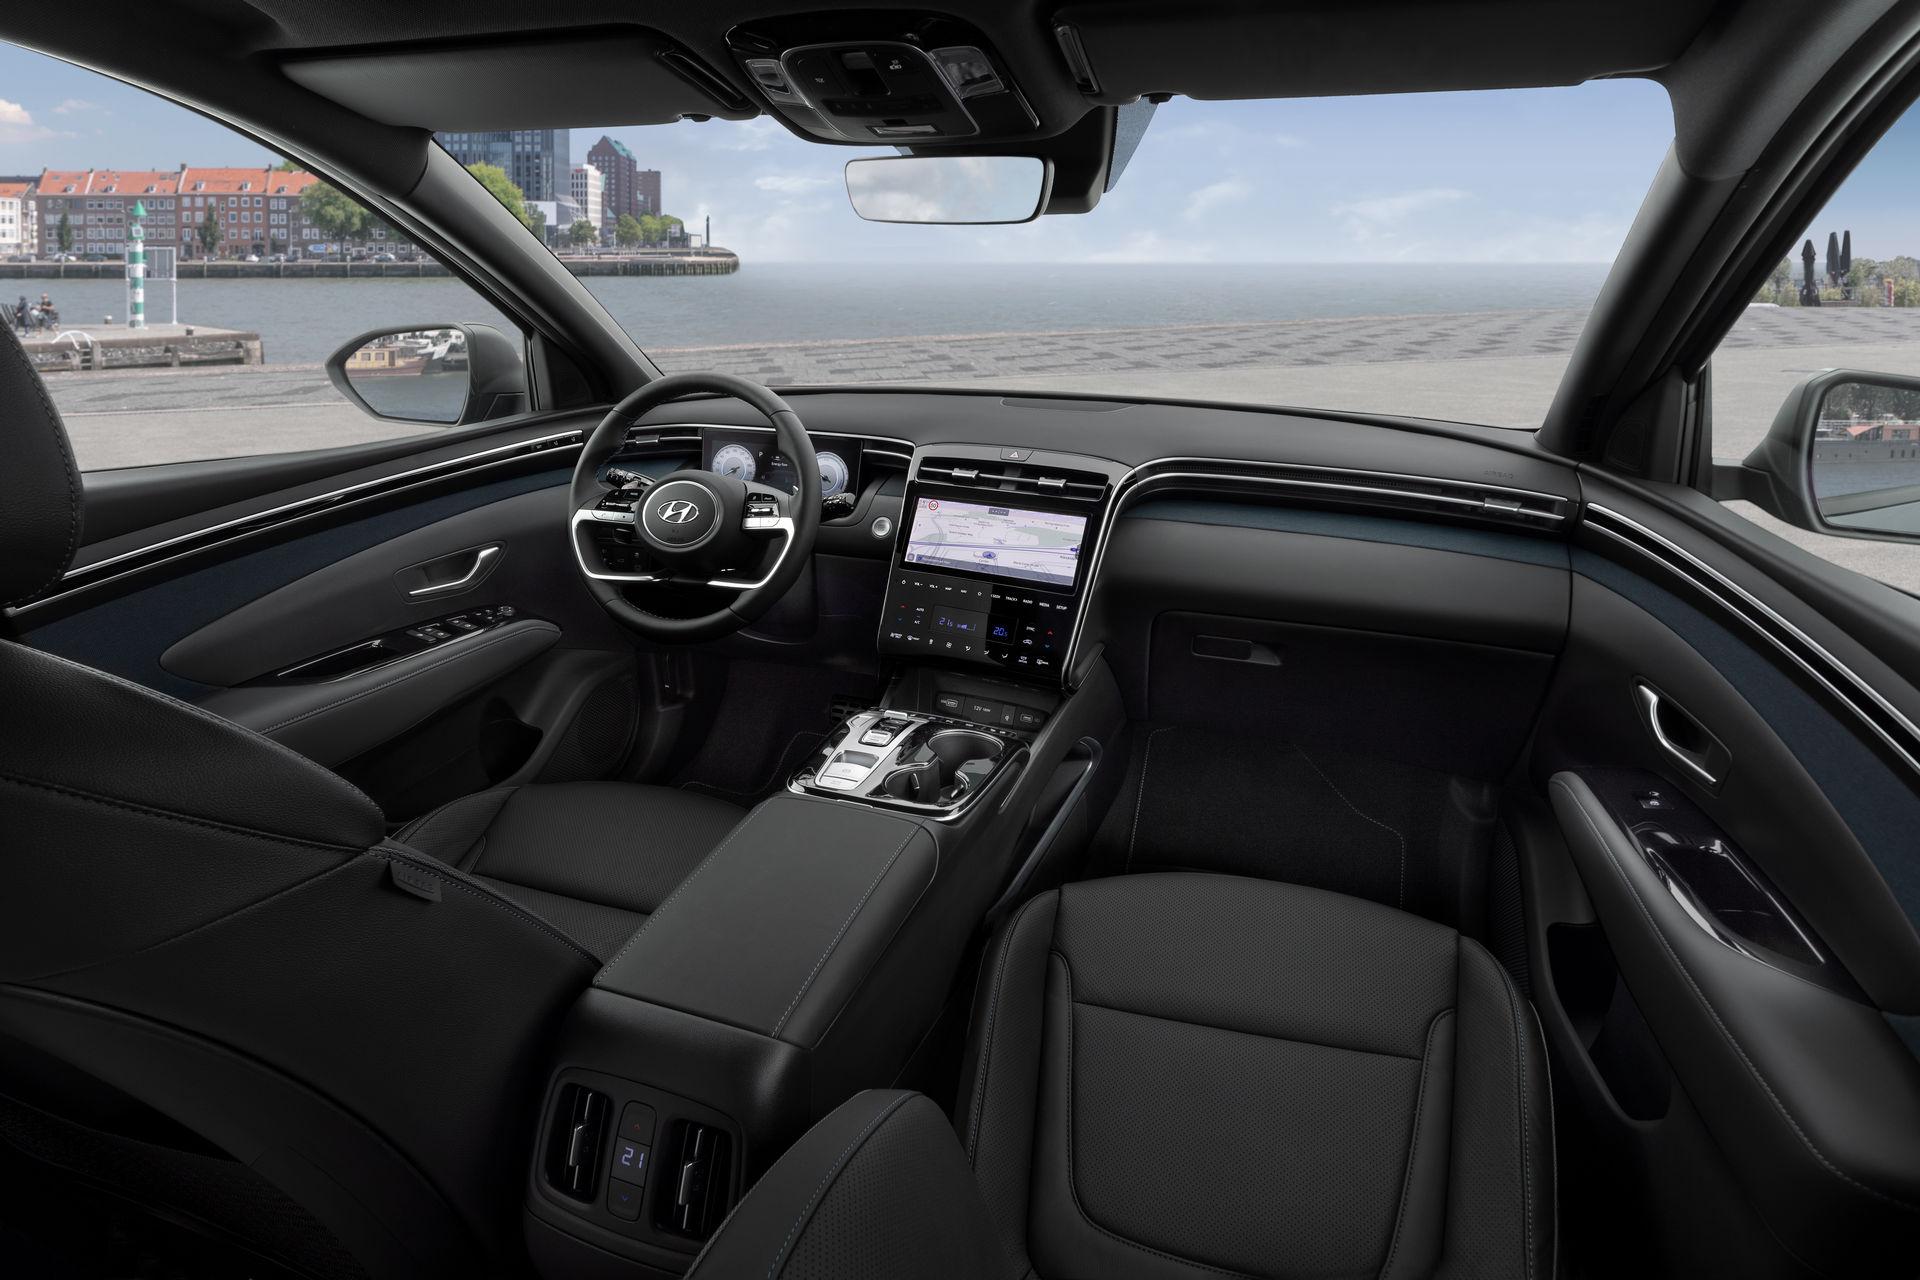 بالفيديو والصور.. انطلاق هيونداي توسان 2022 الجديدة كليًا رسميًا 2021-Hyundai-Tucson-15.jpg